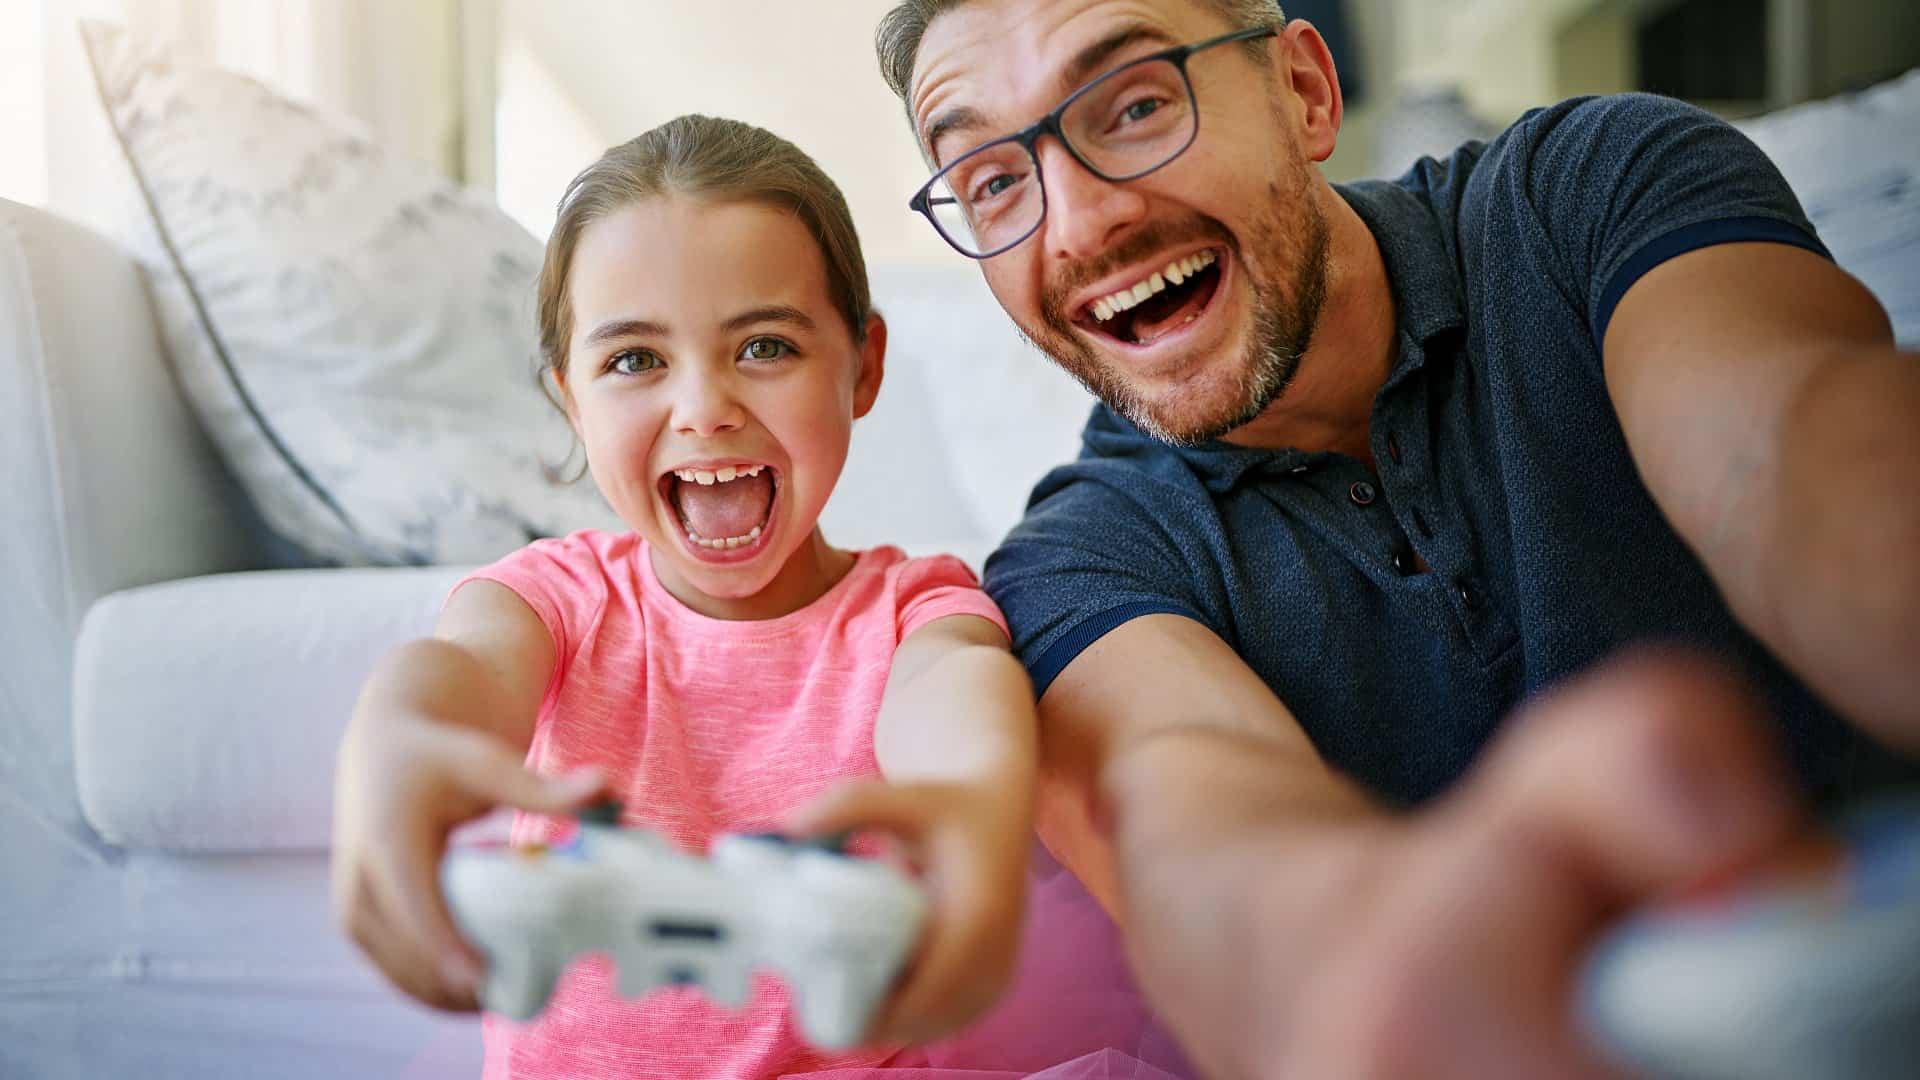 viodegiochi in famiglia giocare insieme - dipendenza da videogiochi